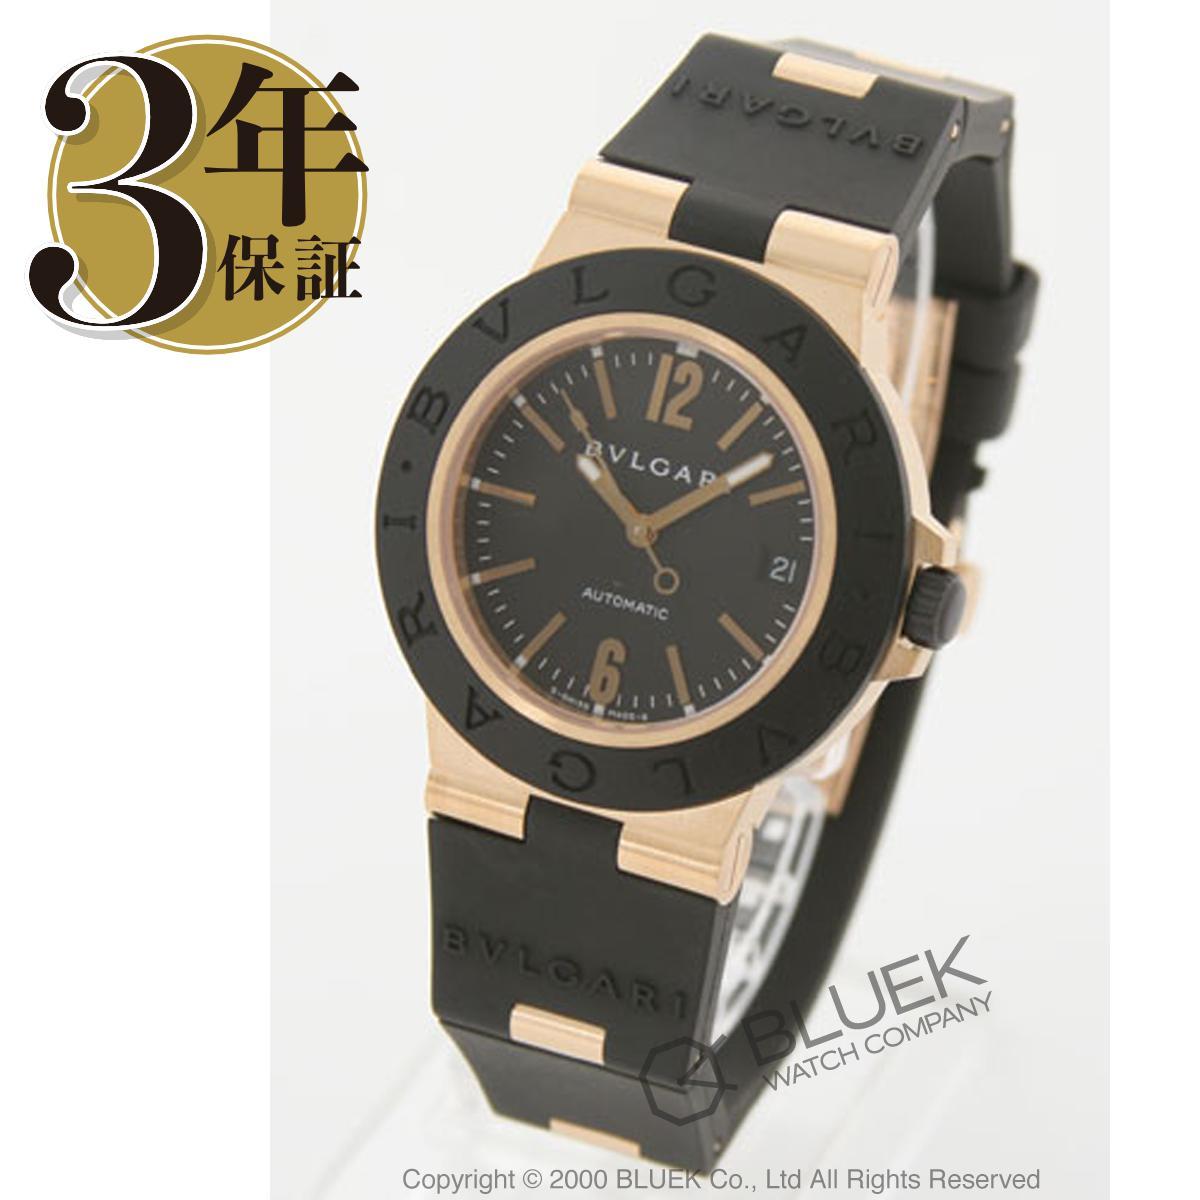 【最大3万円割引クーポン 11/01~】ブルガリ ディアゴノ 腕時計 メンズ BVLGARI AL38GVD_8